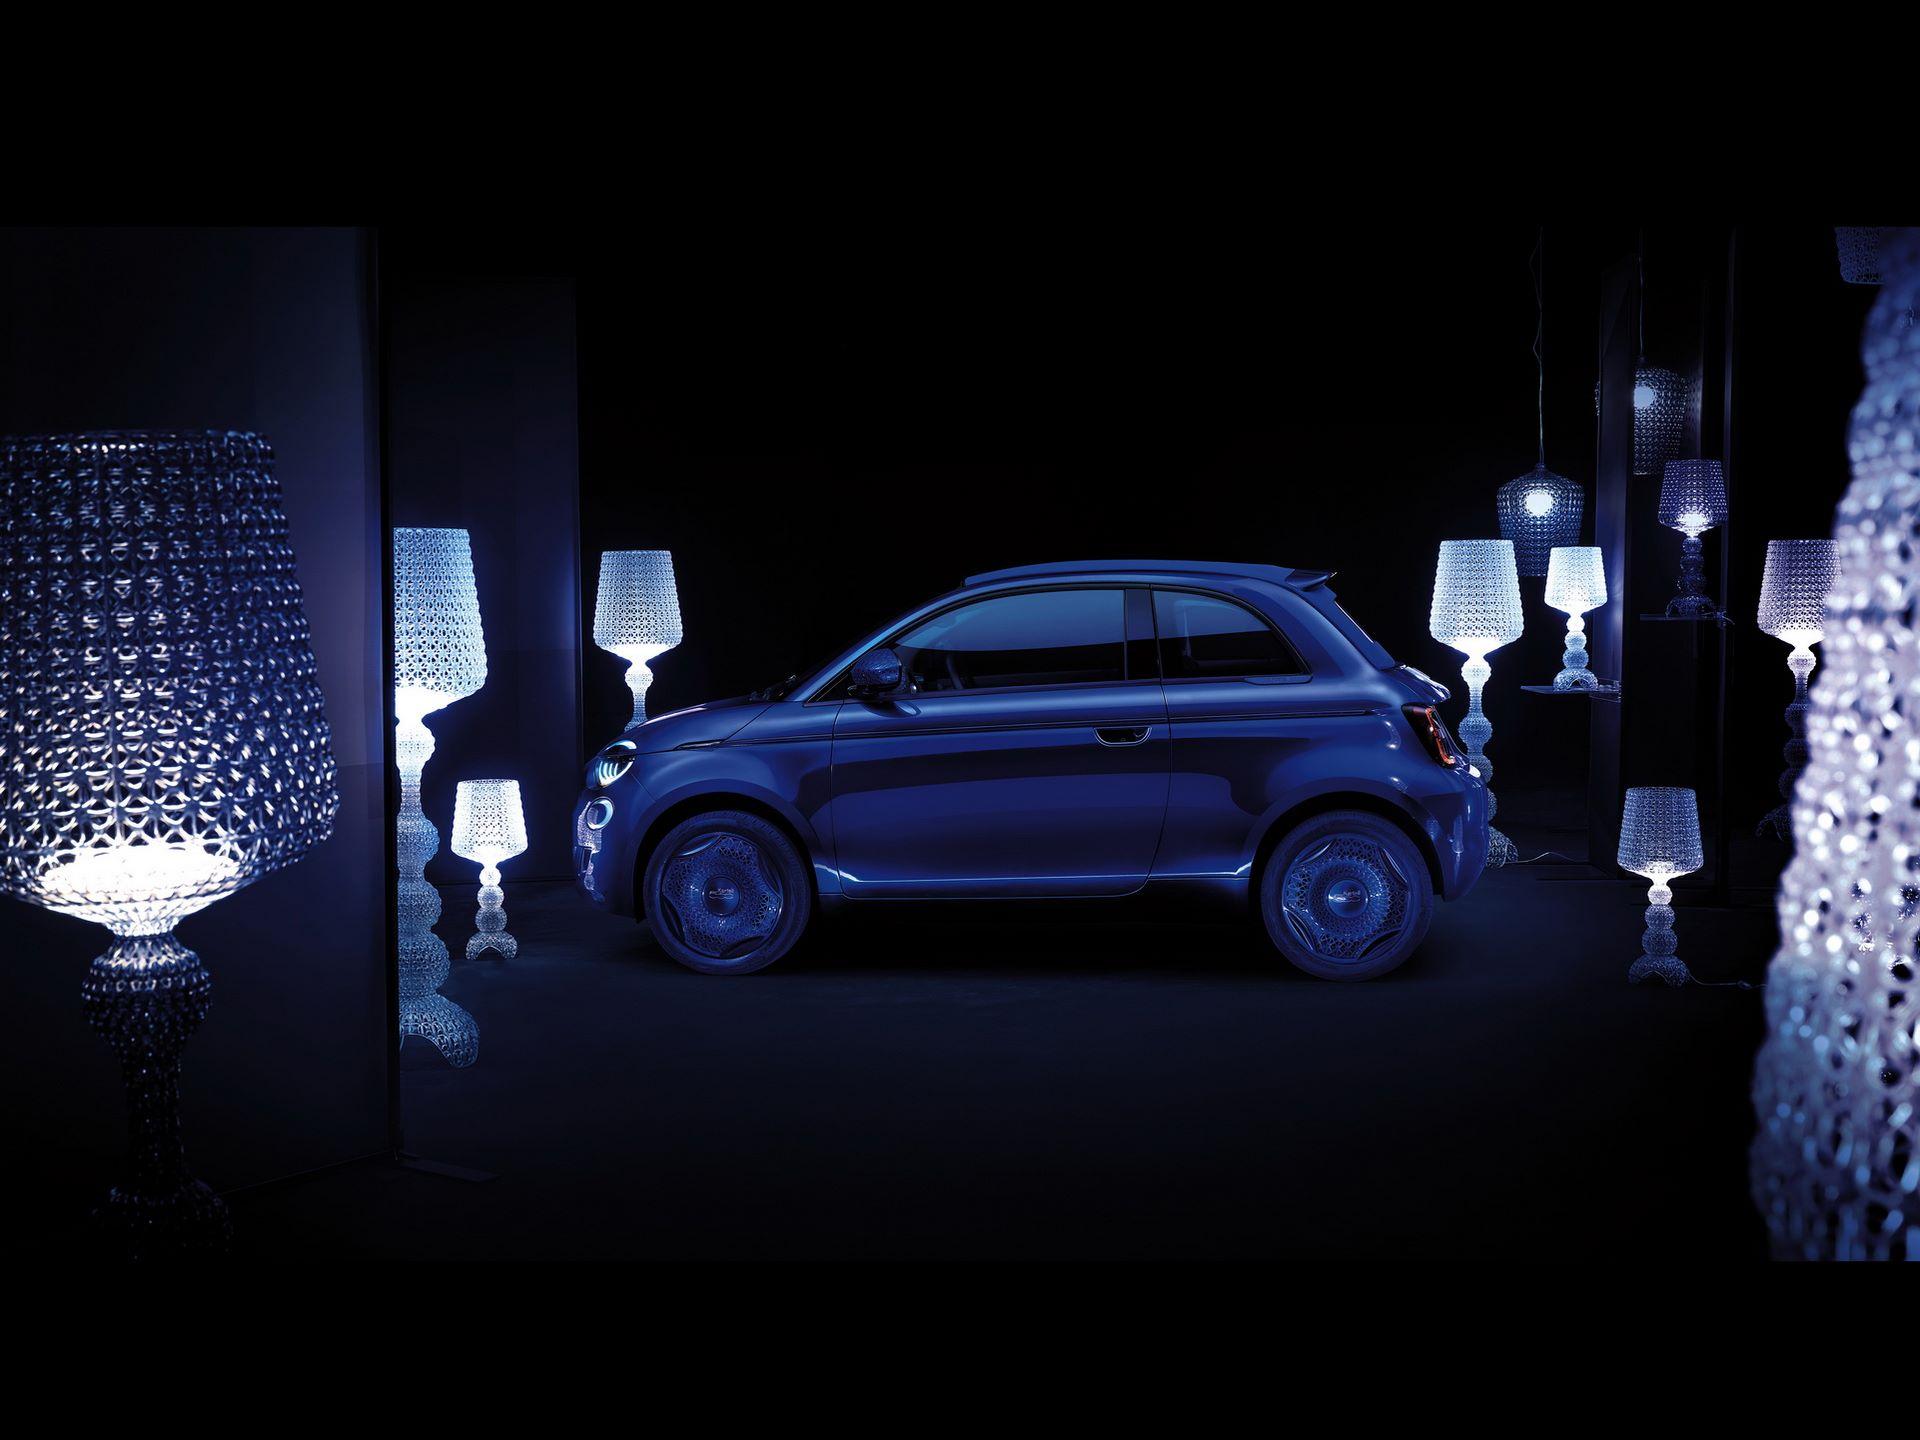 Fiat-500-2020-69